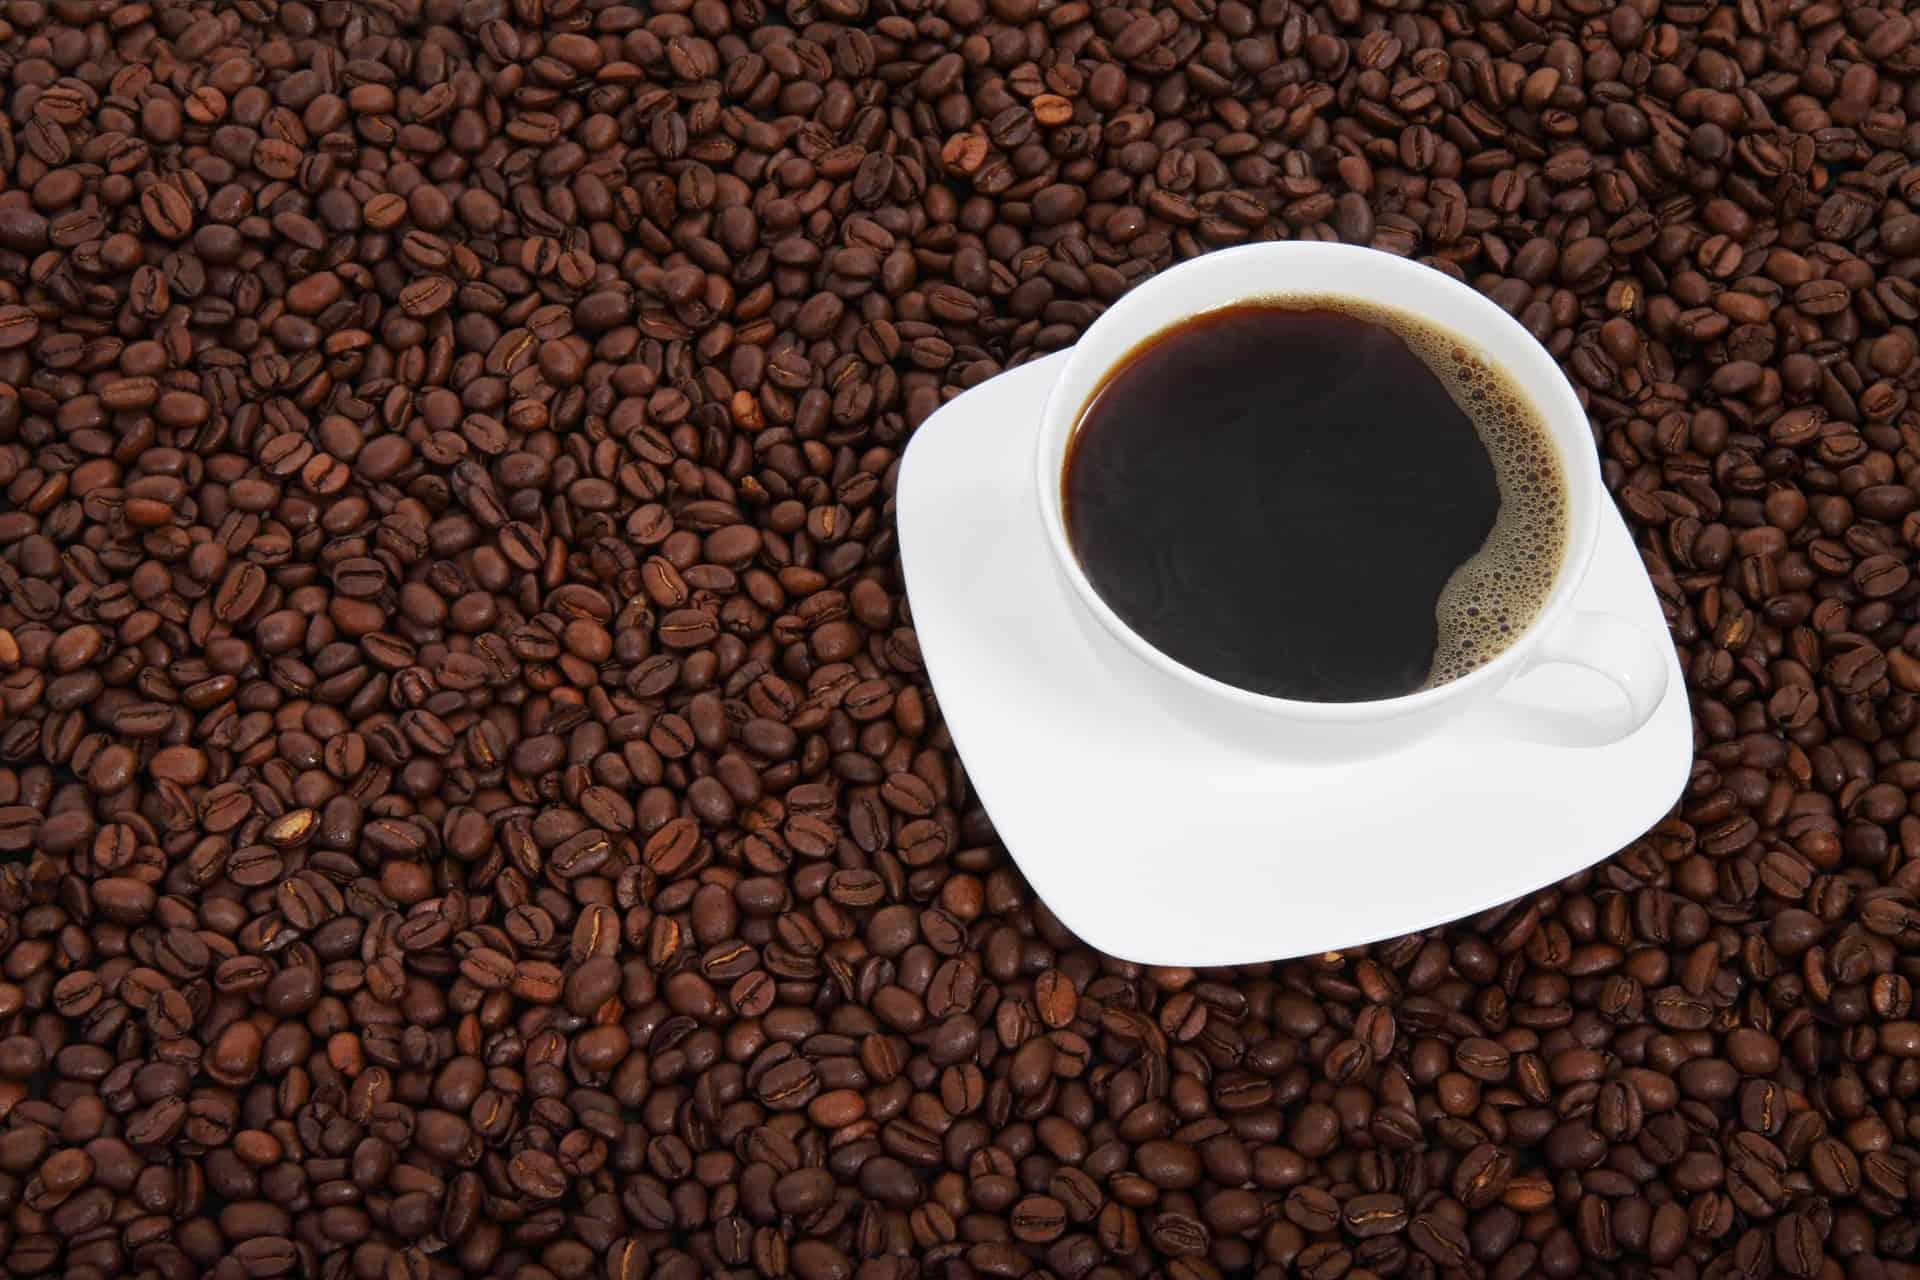 Imagem mostra xícara de café com café em grãos em volta.